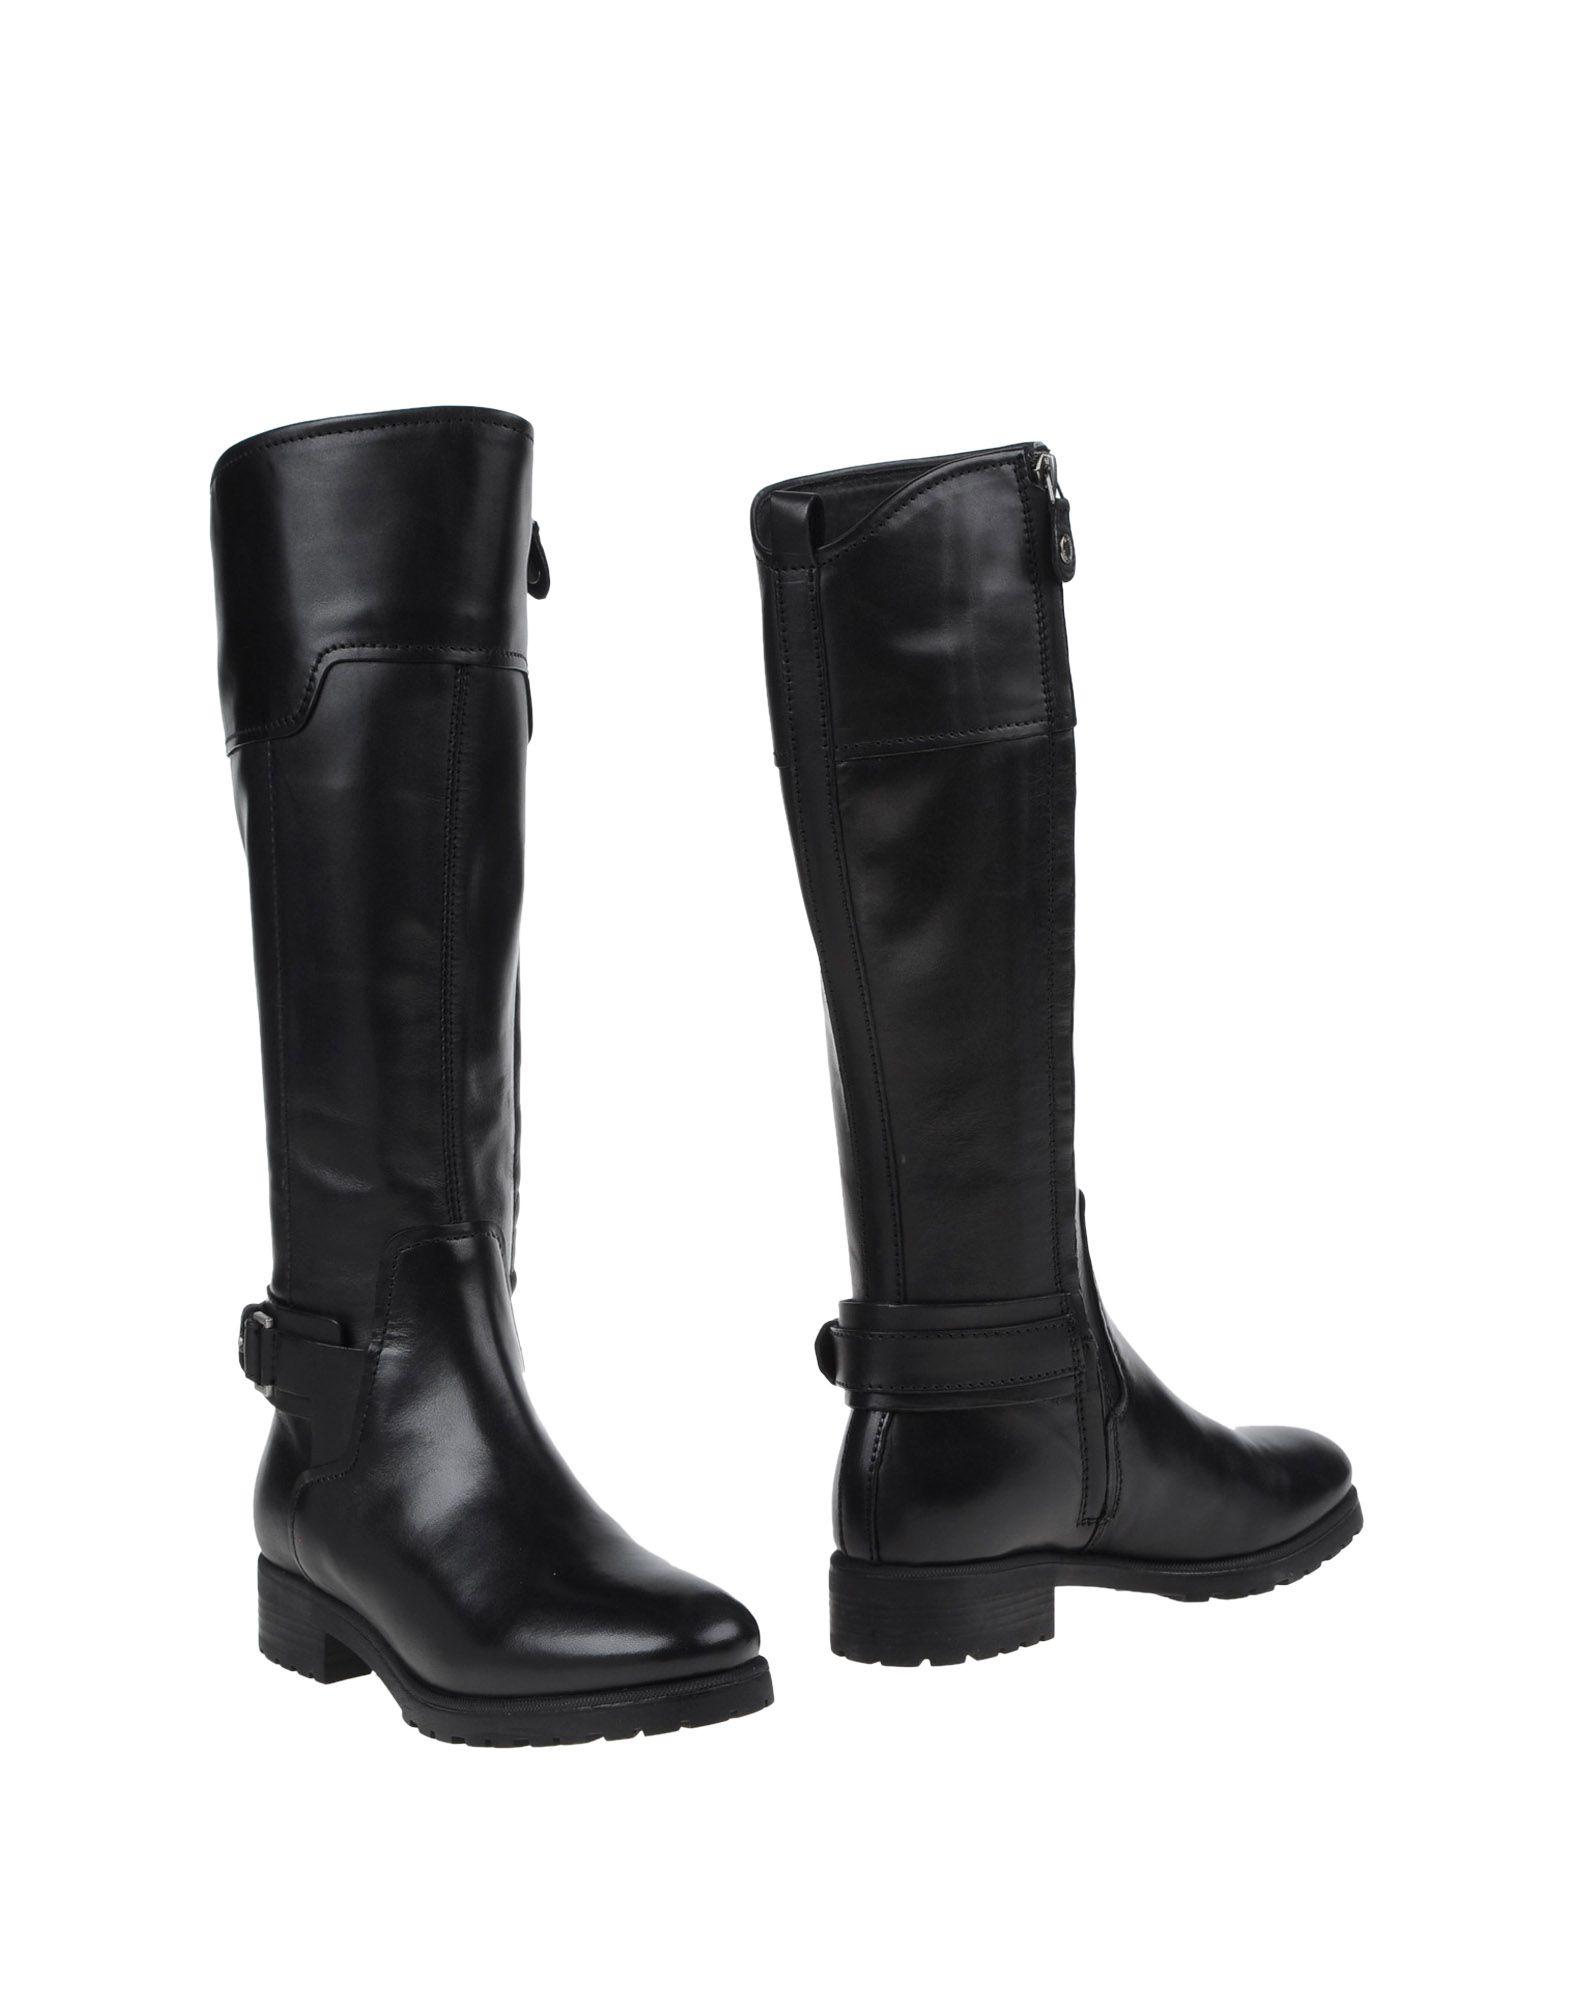 Original Geox D Felicity Black Womens Boots | TReds